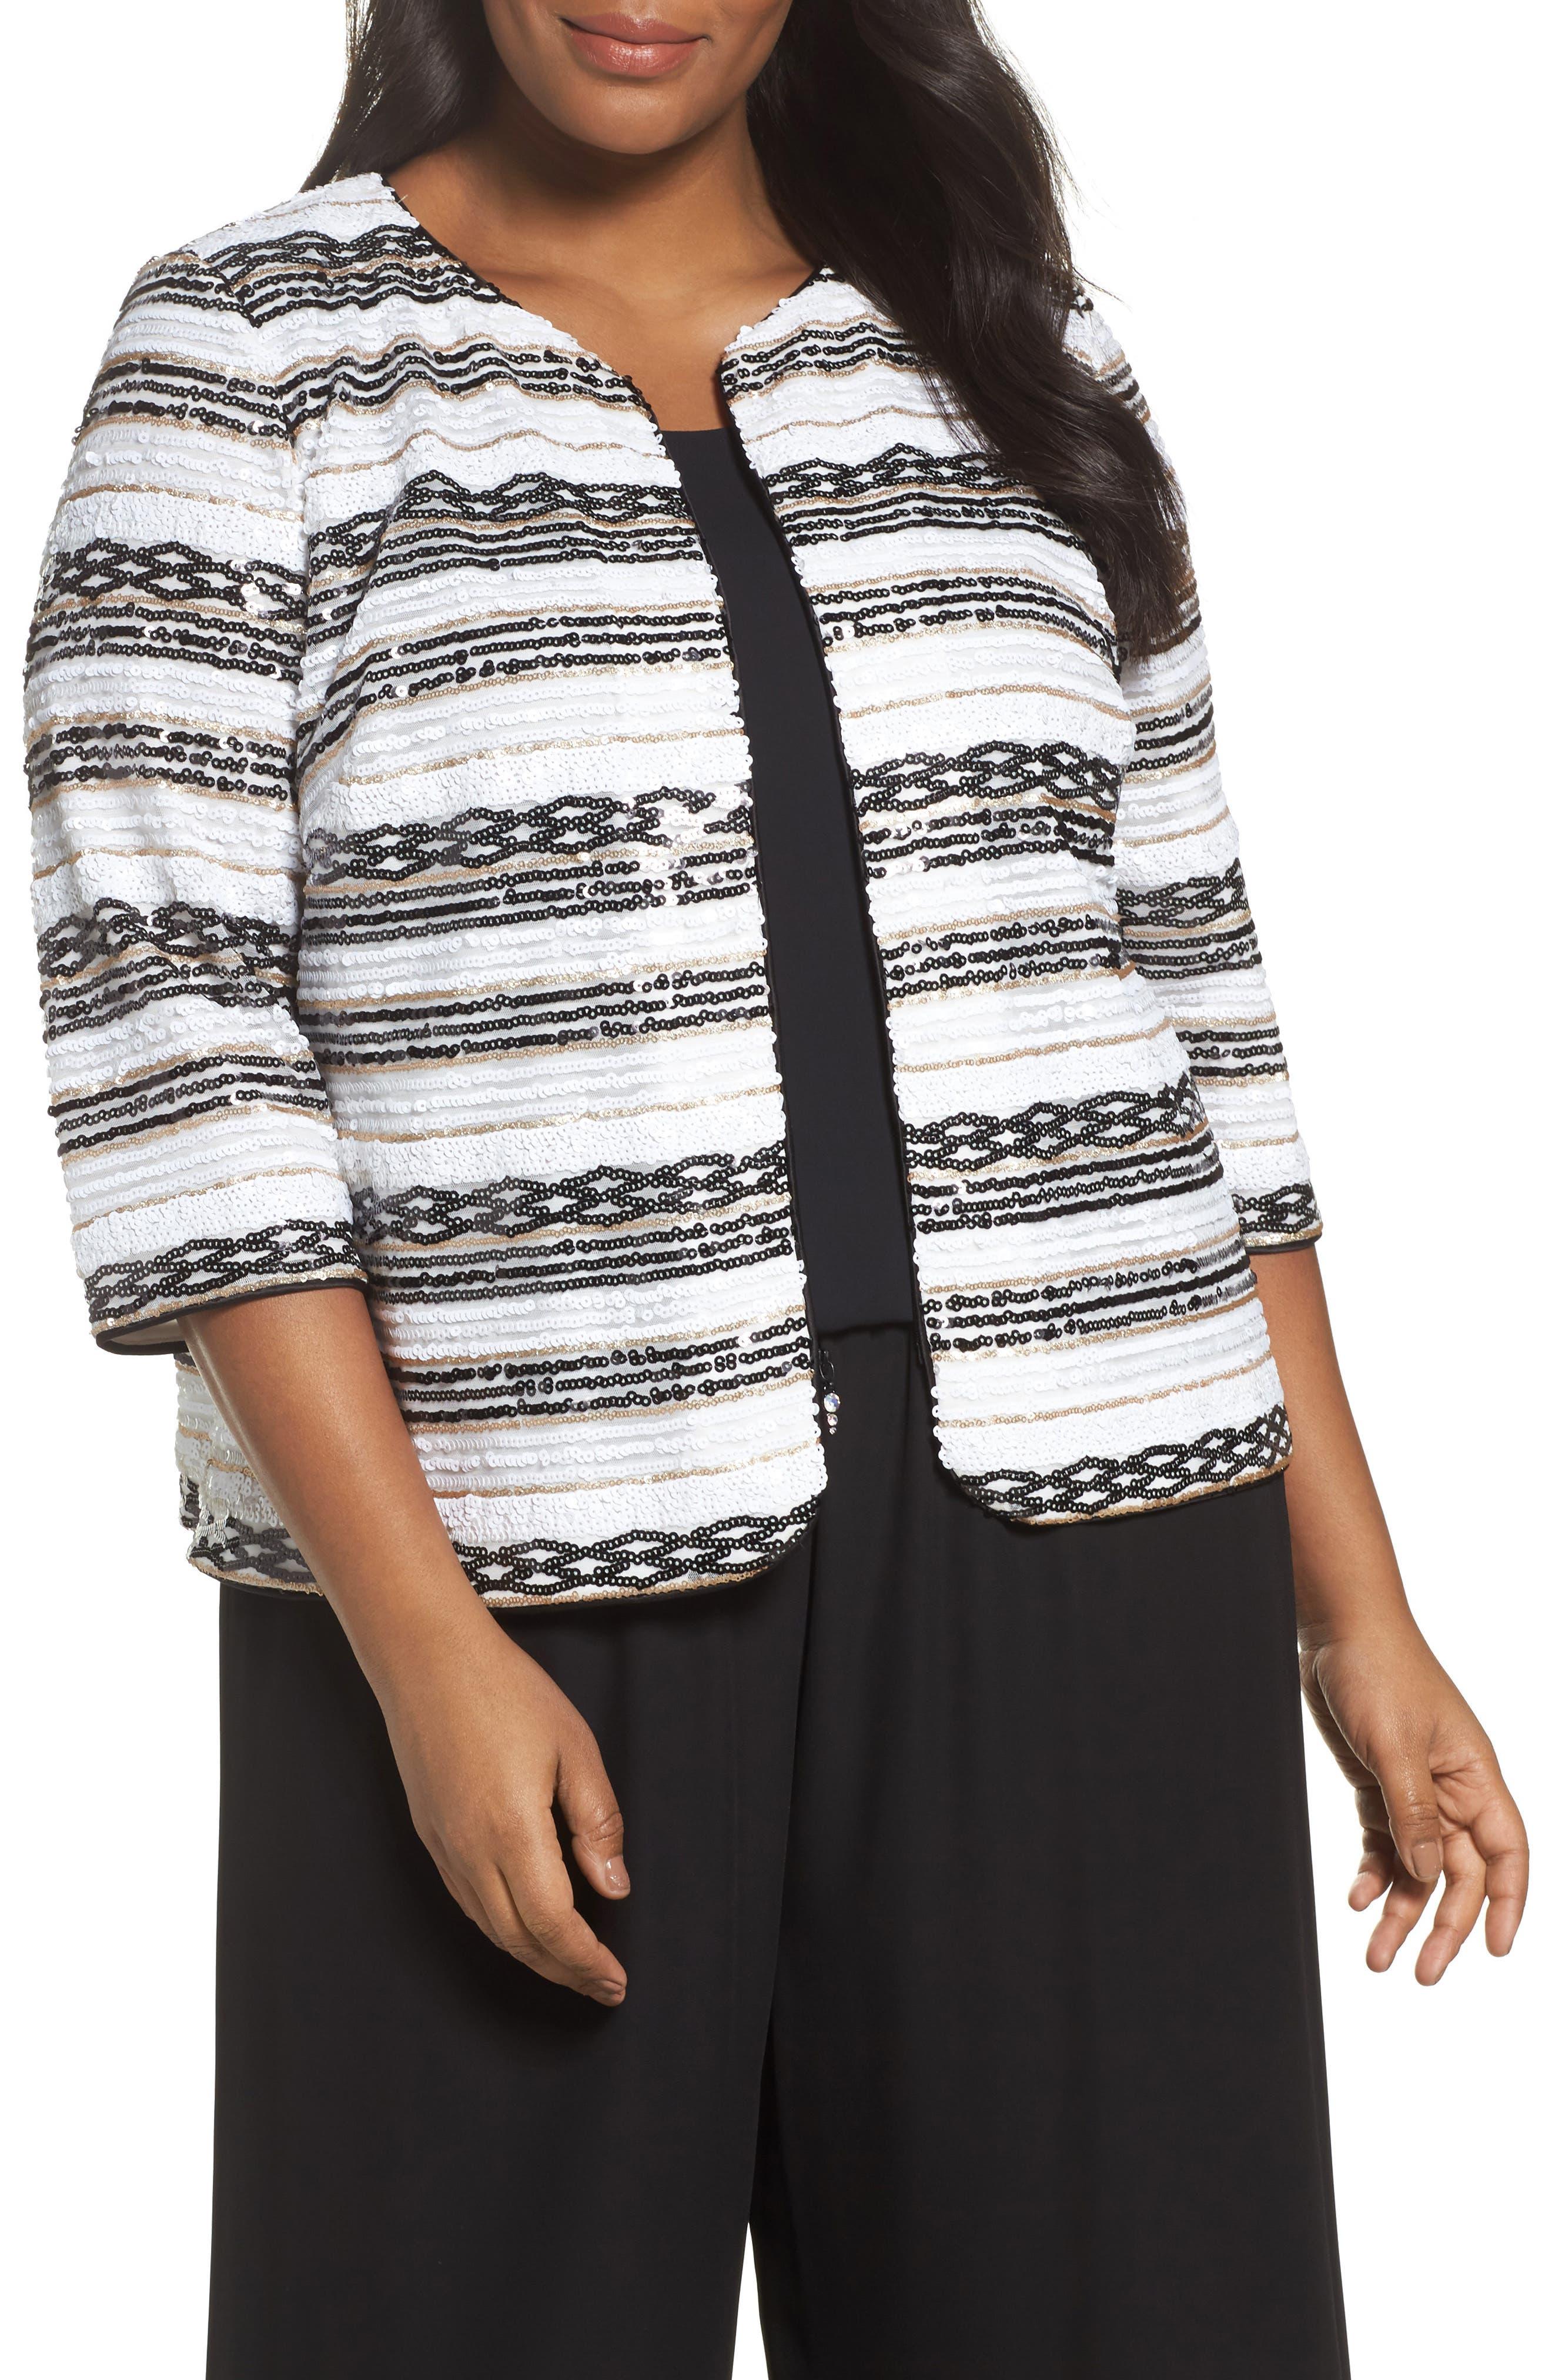 Main Image - Alex Evenings Sequin Stripe Jacket (Plus Size)